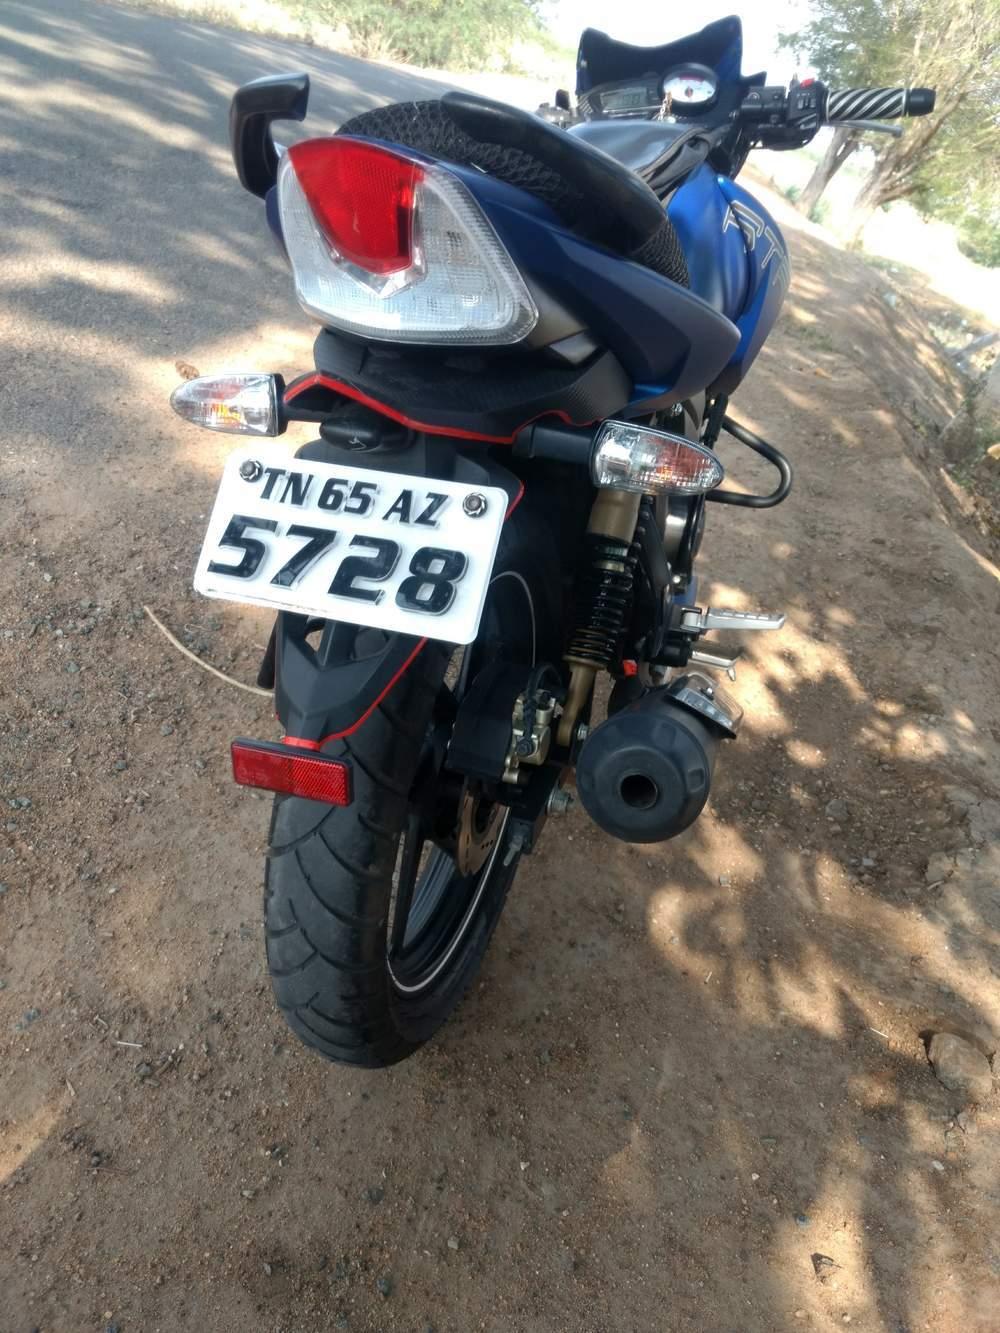 Used Tvs Apache Rtr 180 Bike in Ramanathapuram 2016